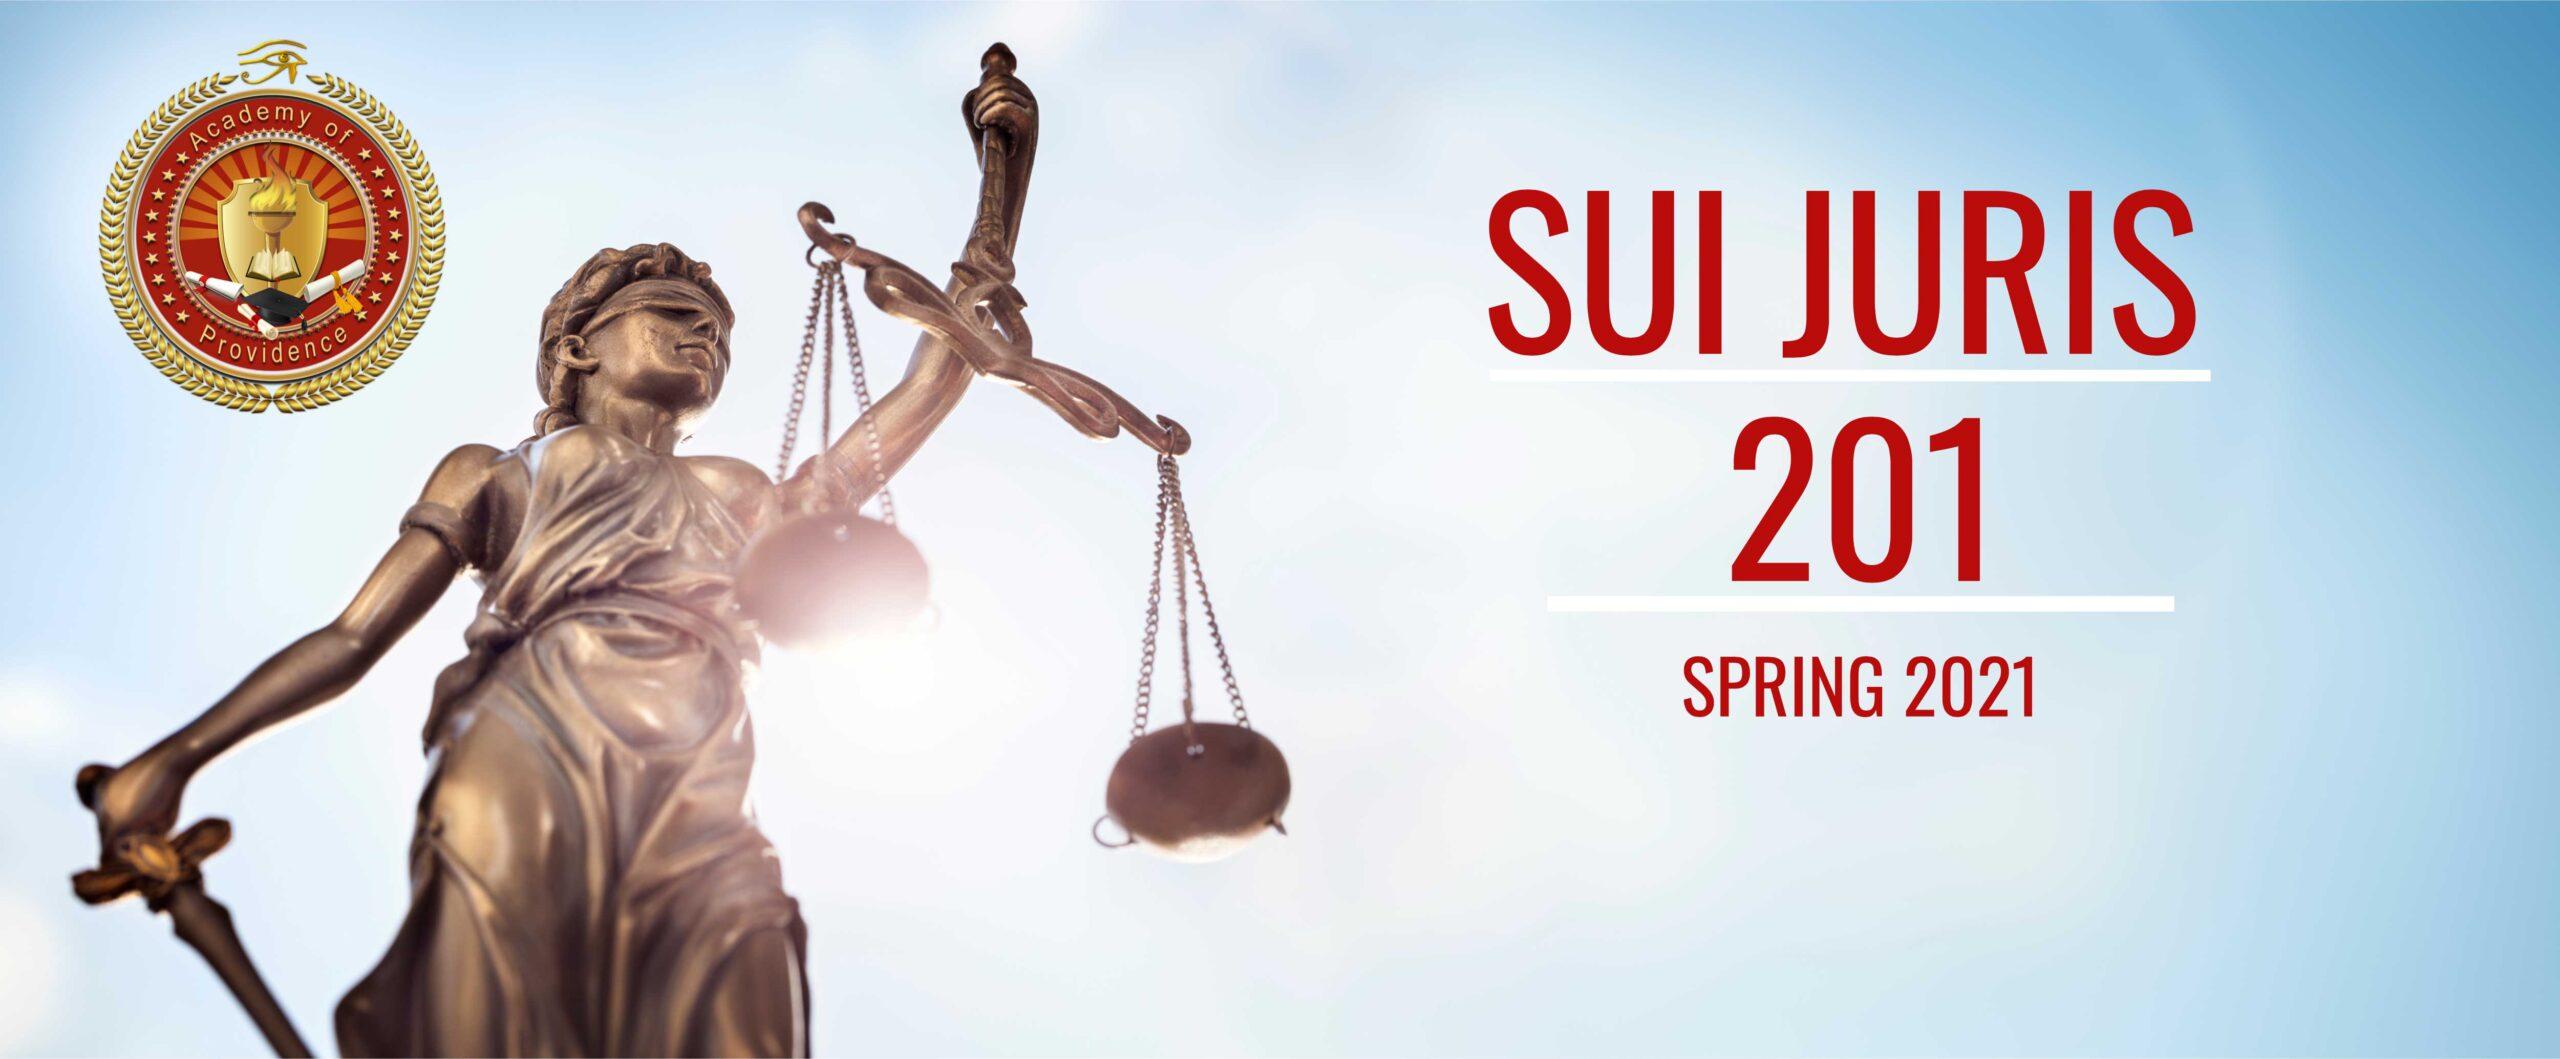 Sui-Juris-201-featured-image